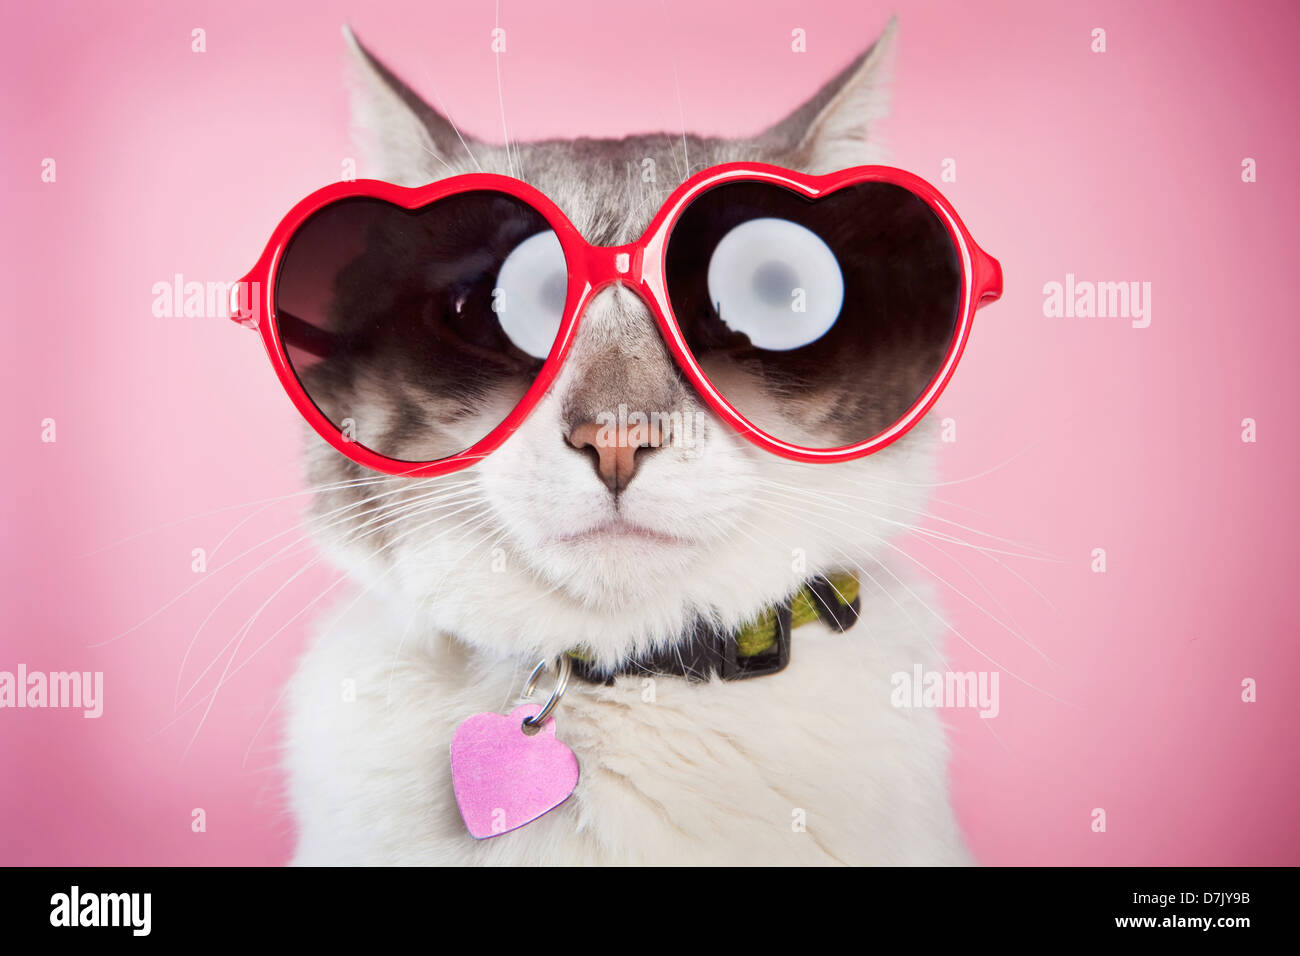 Valentine cat posant avec amour rouge lunettes contre fond rose Photo Stock